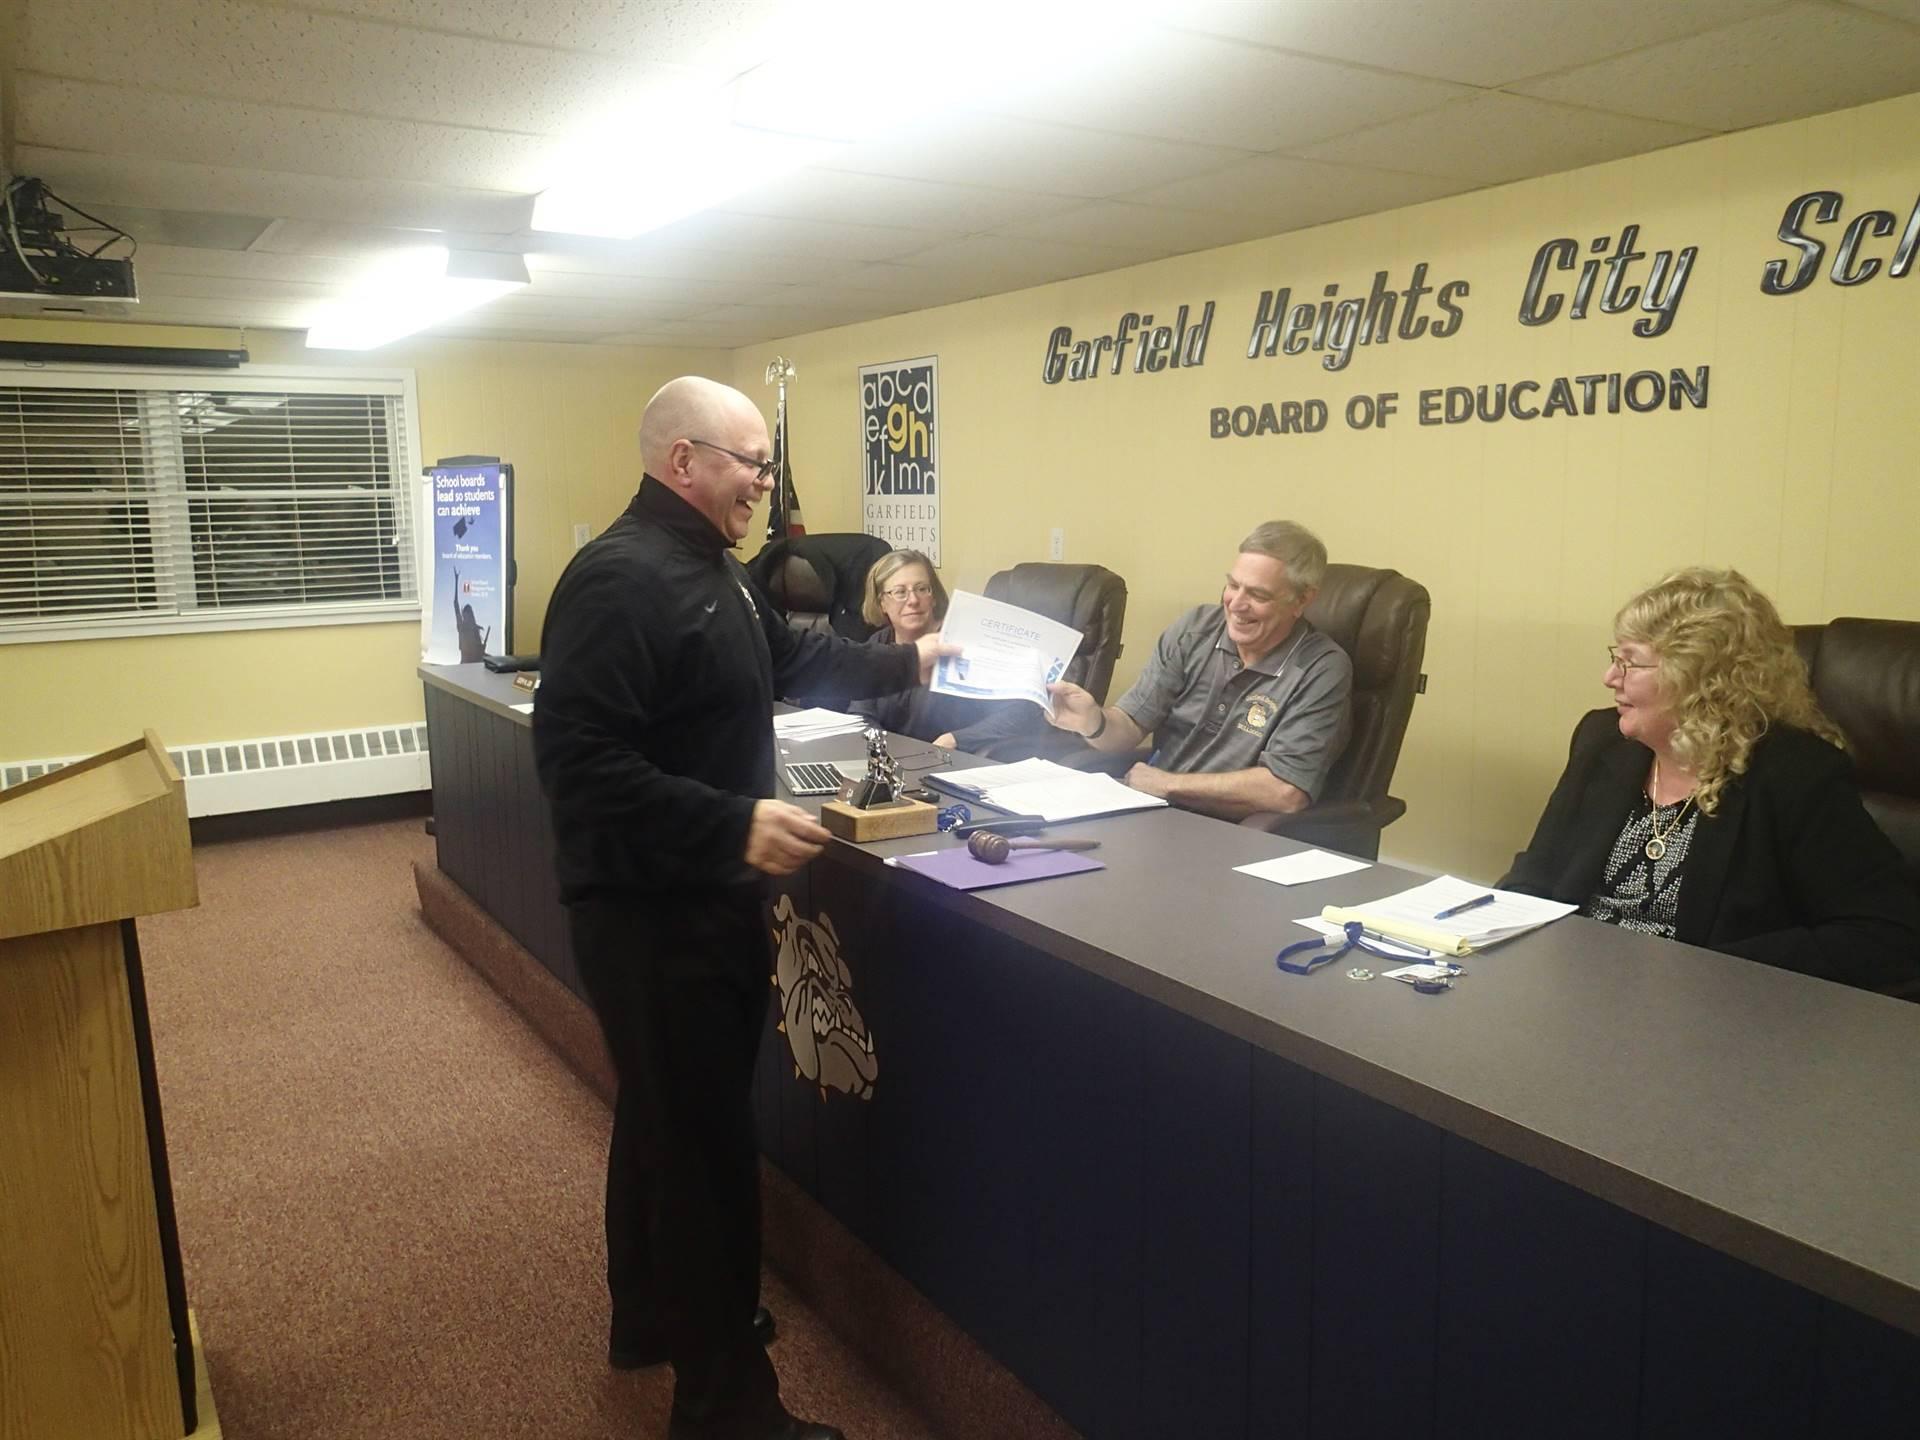 board members and Mr. Olszewski